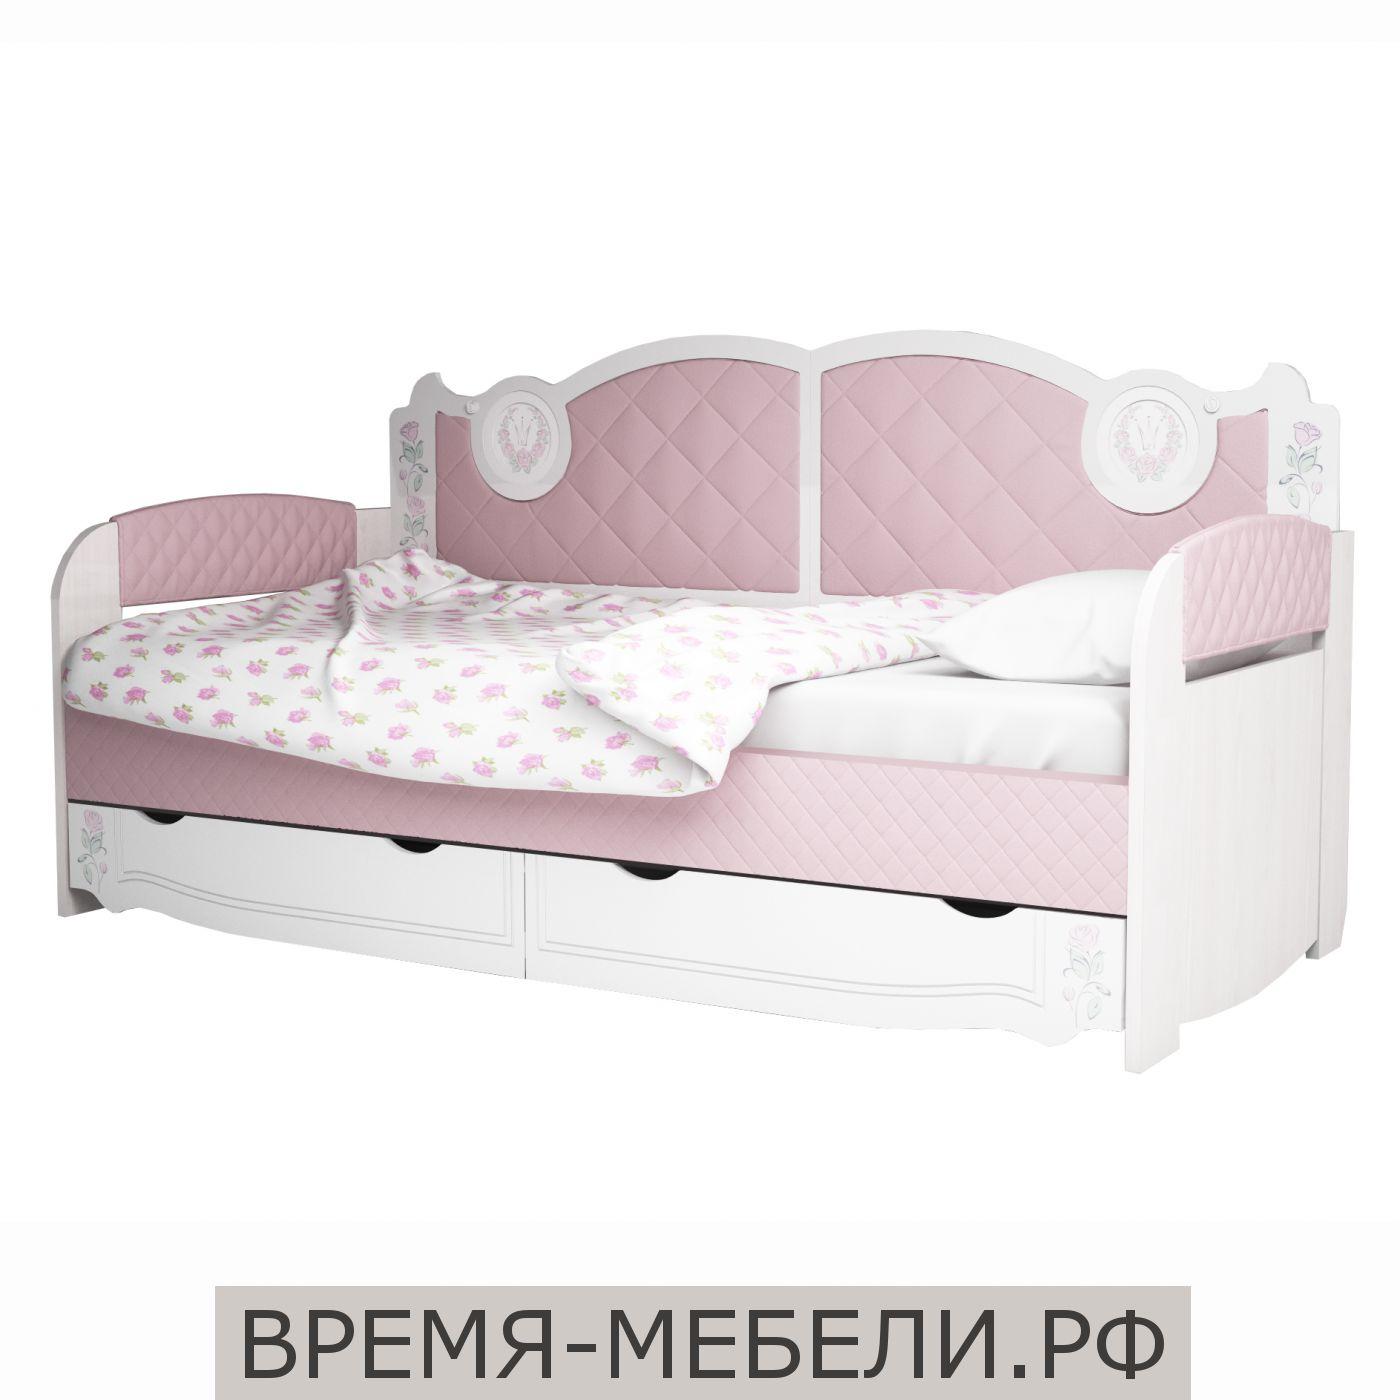 Розалия 900.4 кровать тахта.